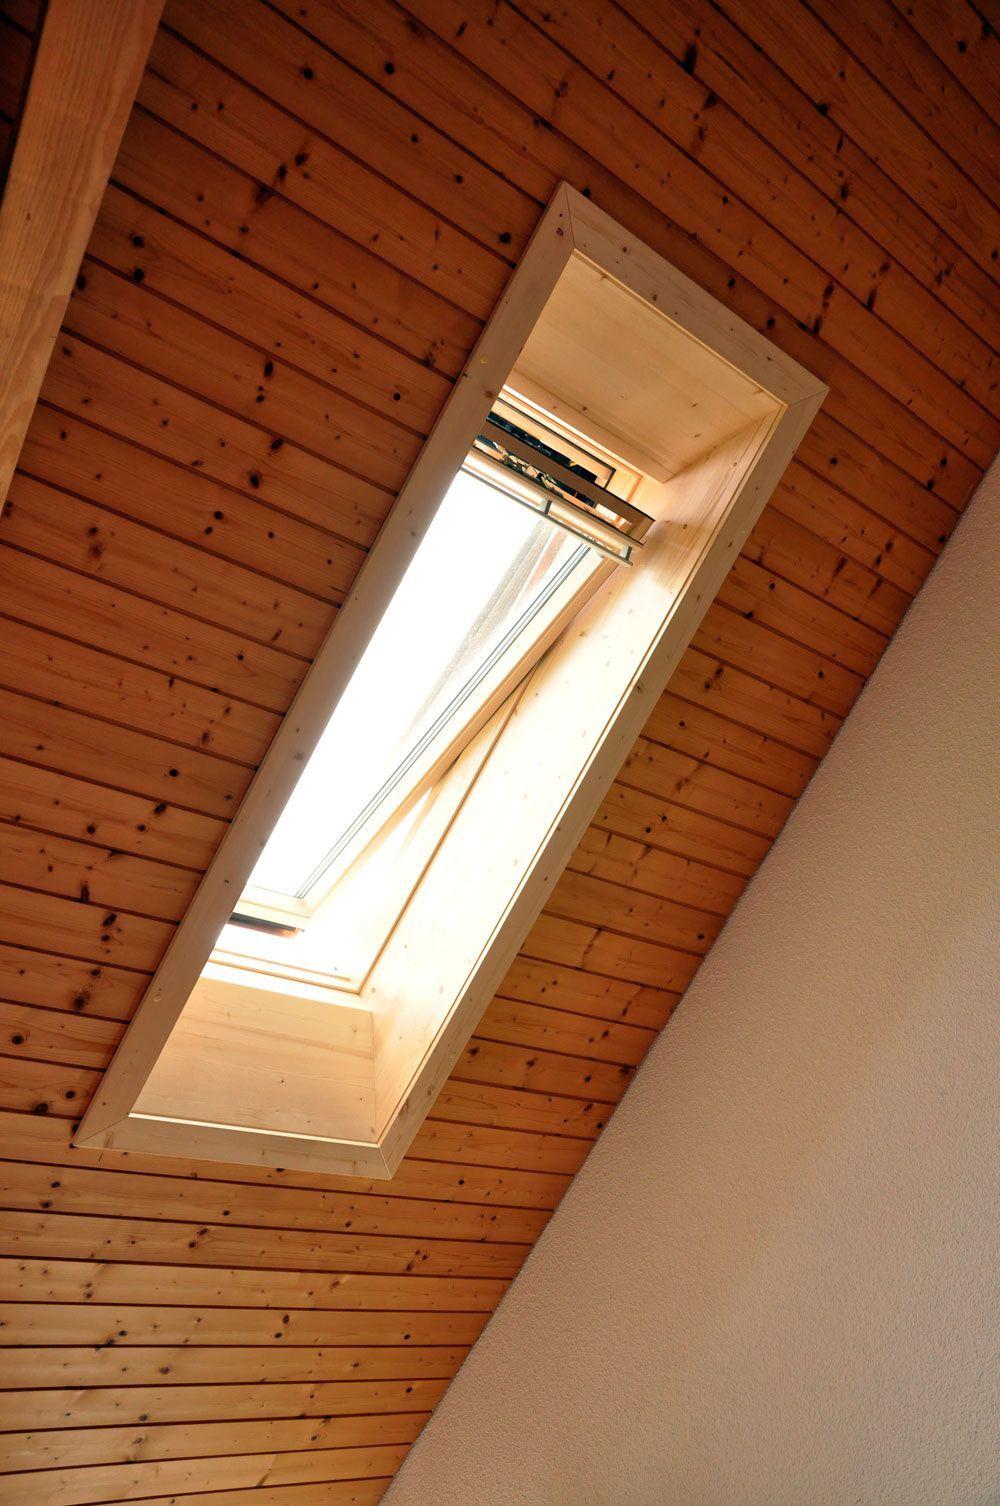 Dachfenster Einbau Reparatur Service Velux Roto Dachfenster Rep Apartment Apartment Dachfenster In 2020 Dachfenster Dachfenster Velux Dachflachenfenster